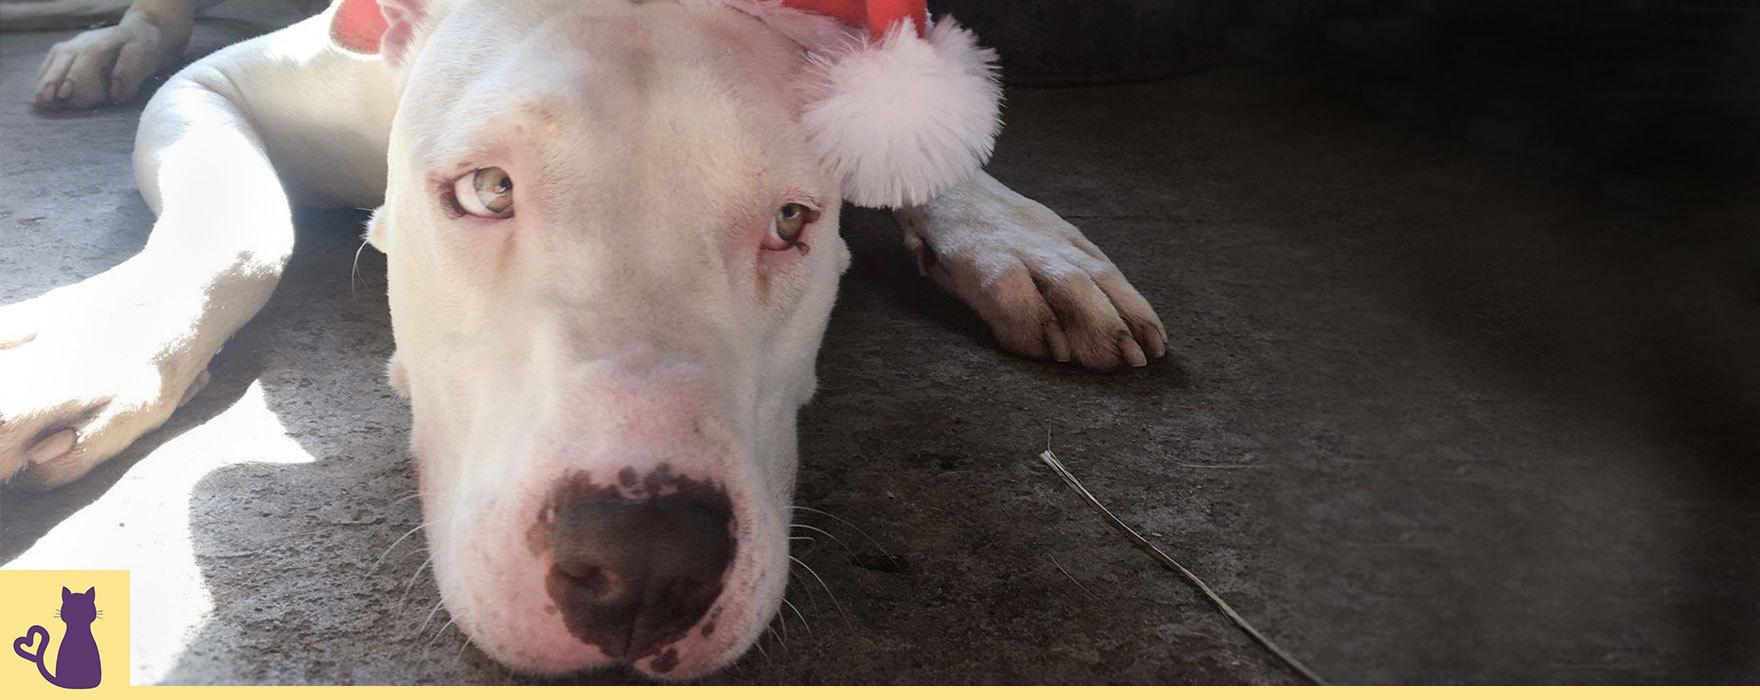 Council pound pet adoption PetRescue Camden